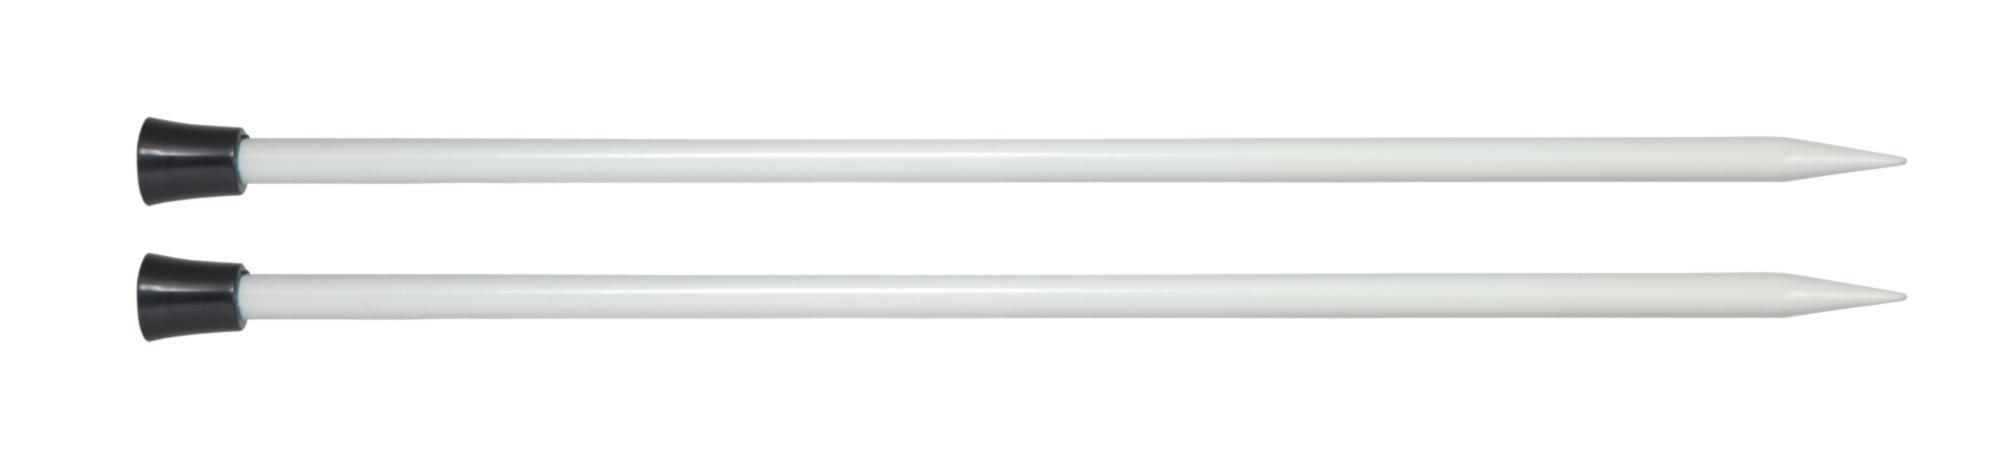 Спицы прямые 35 см Basix Aluminium KnitPro, 45261, 2.00 мм